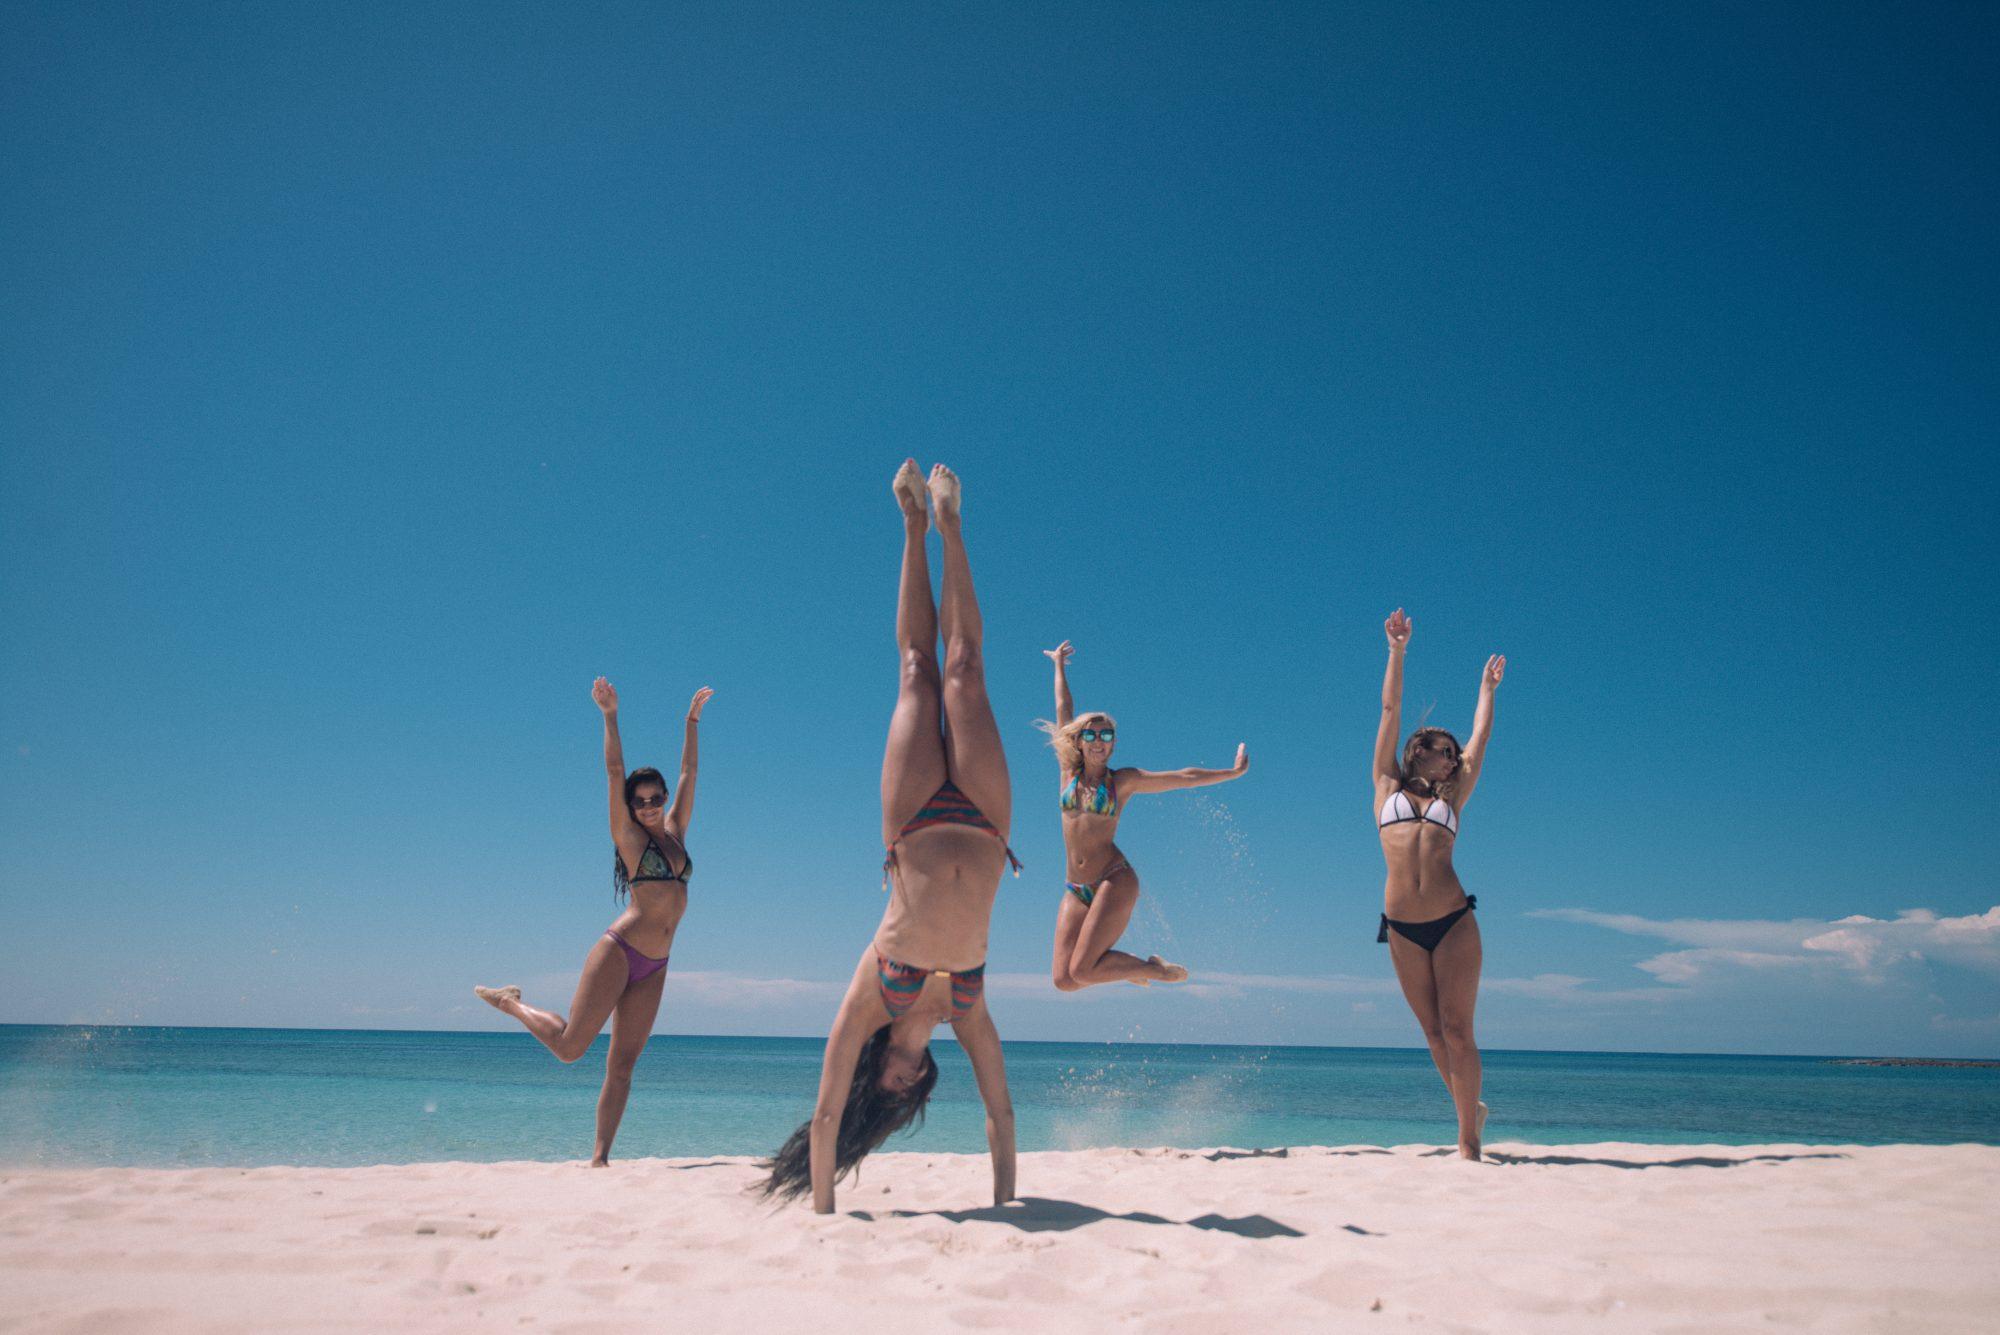 ビーチで楽しむ女性